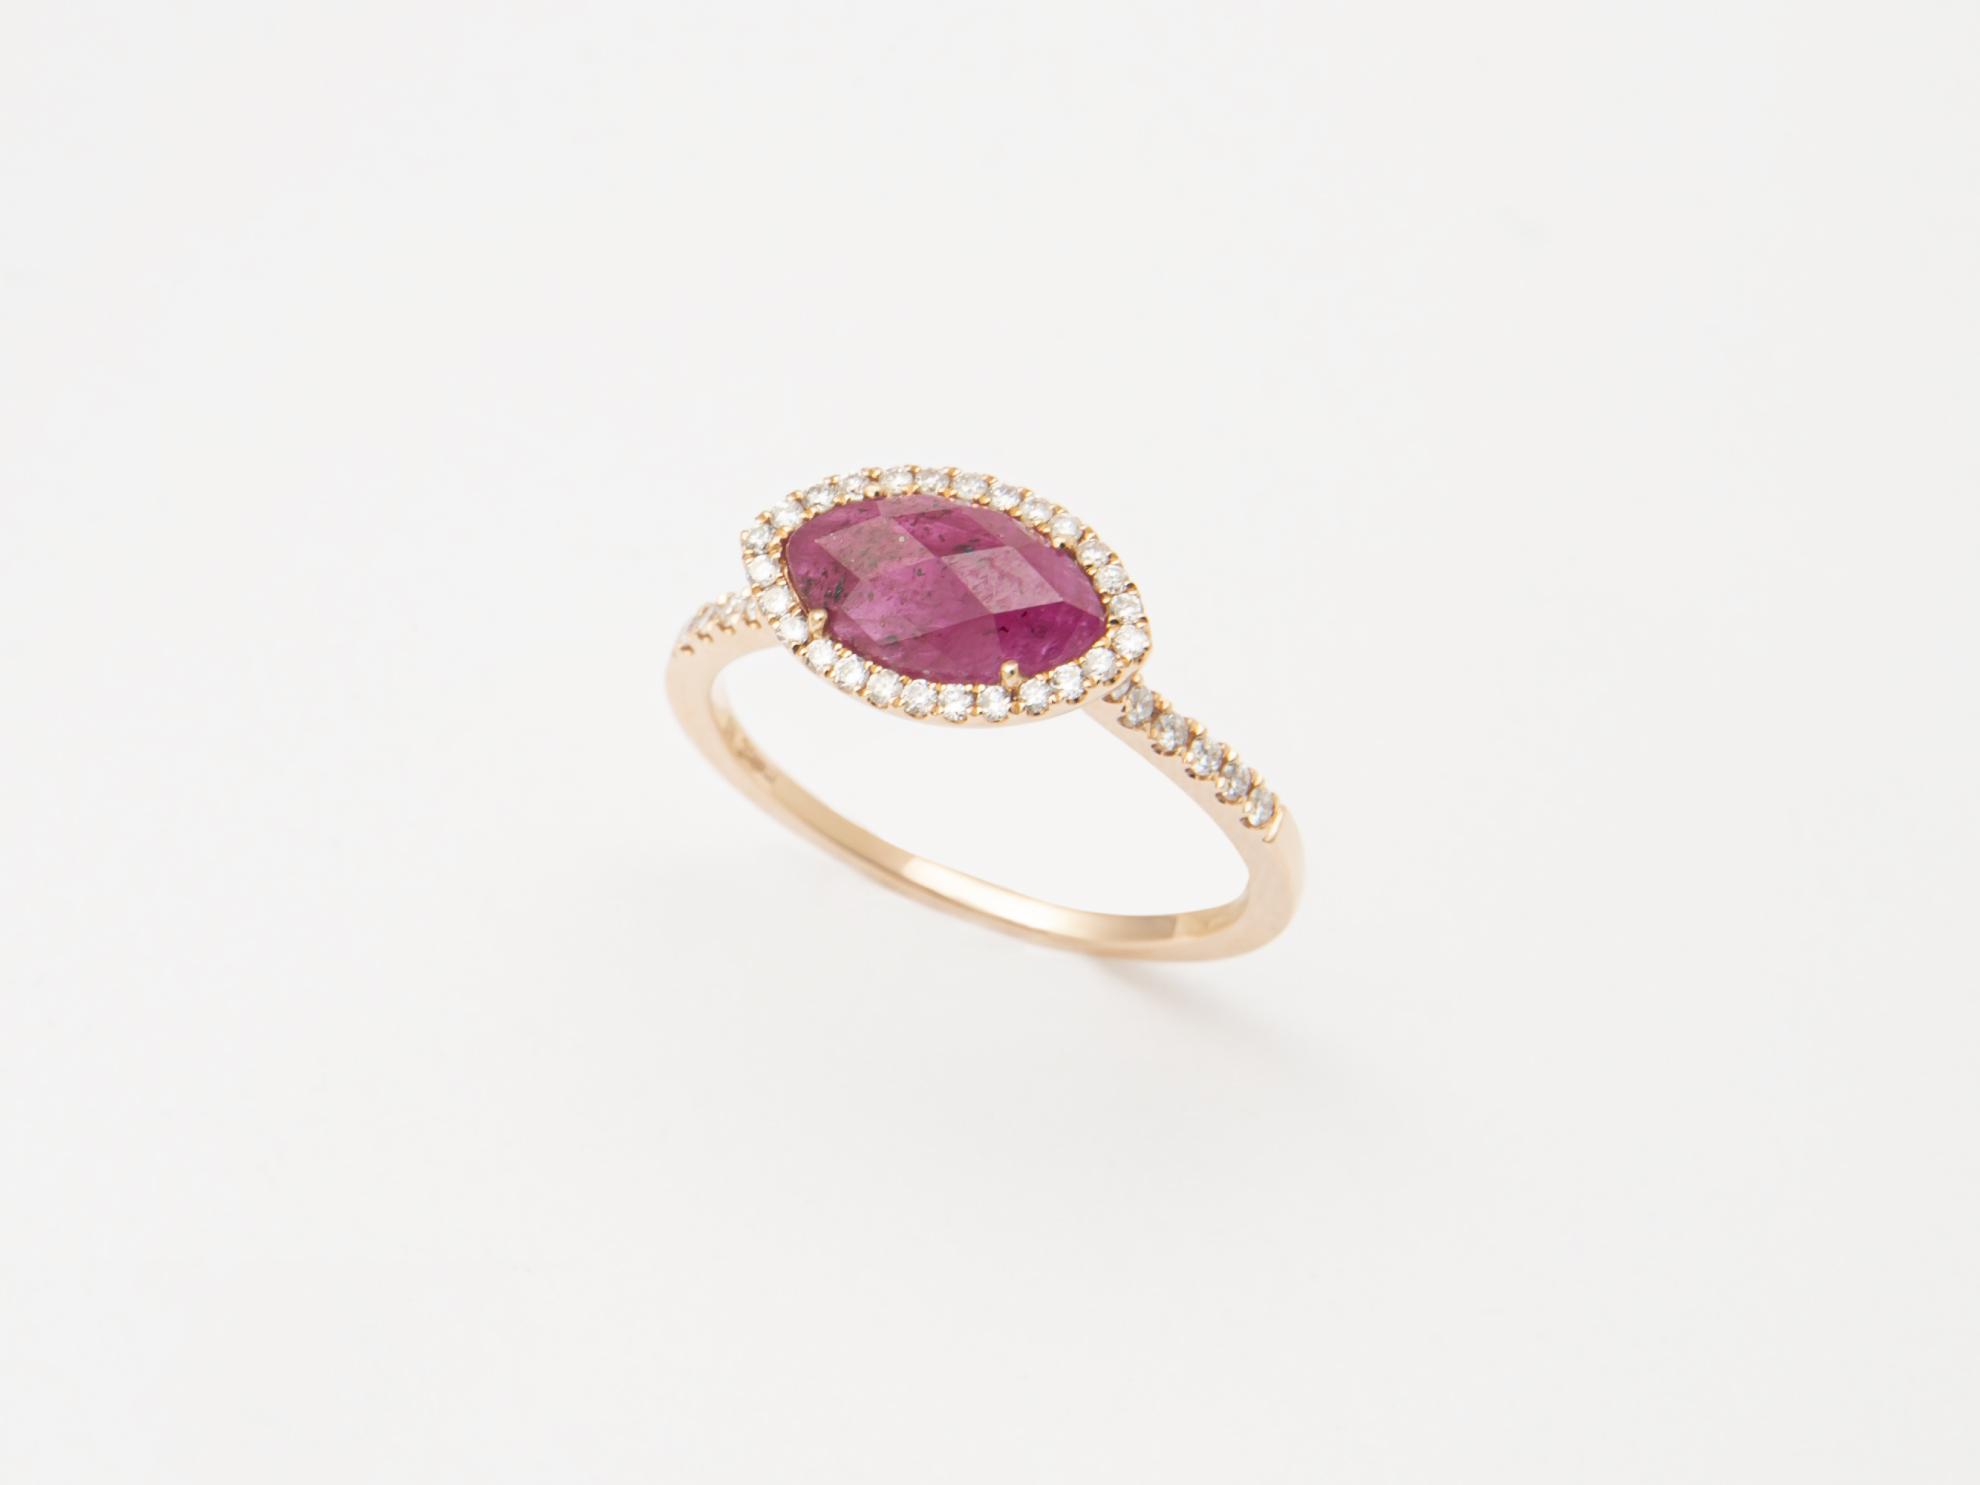 Anello in oro rosa con Rubino grezzo e brillanti - Ivy Gioielli Prato